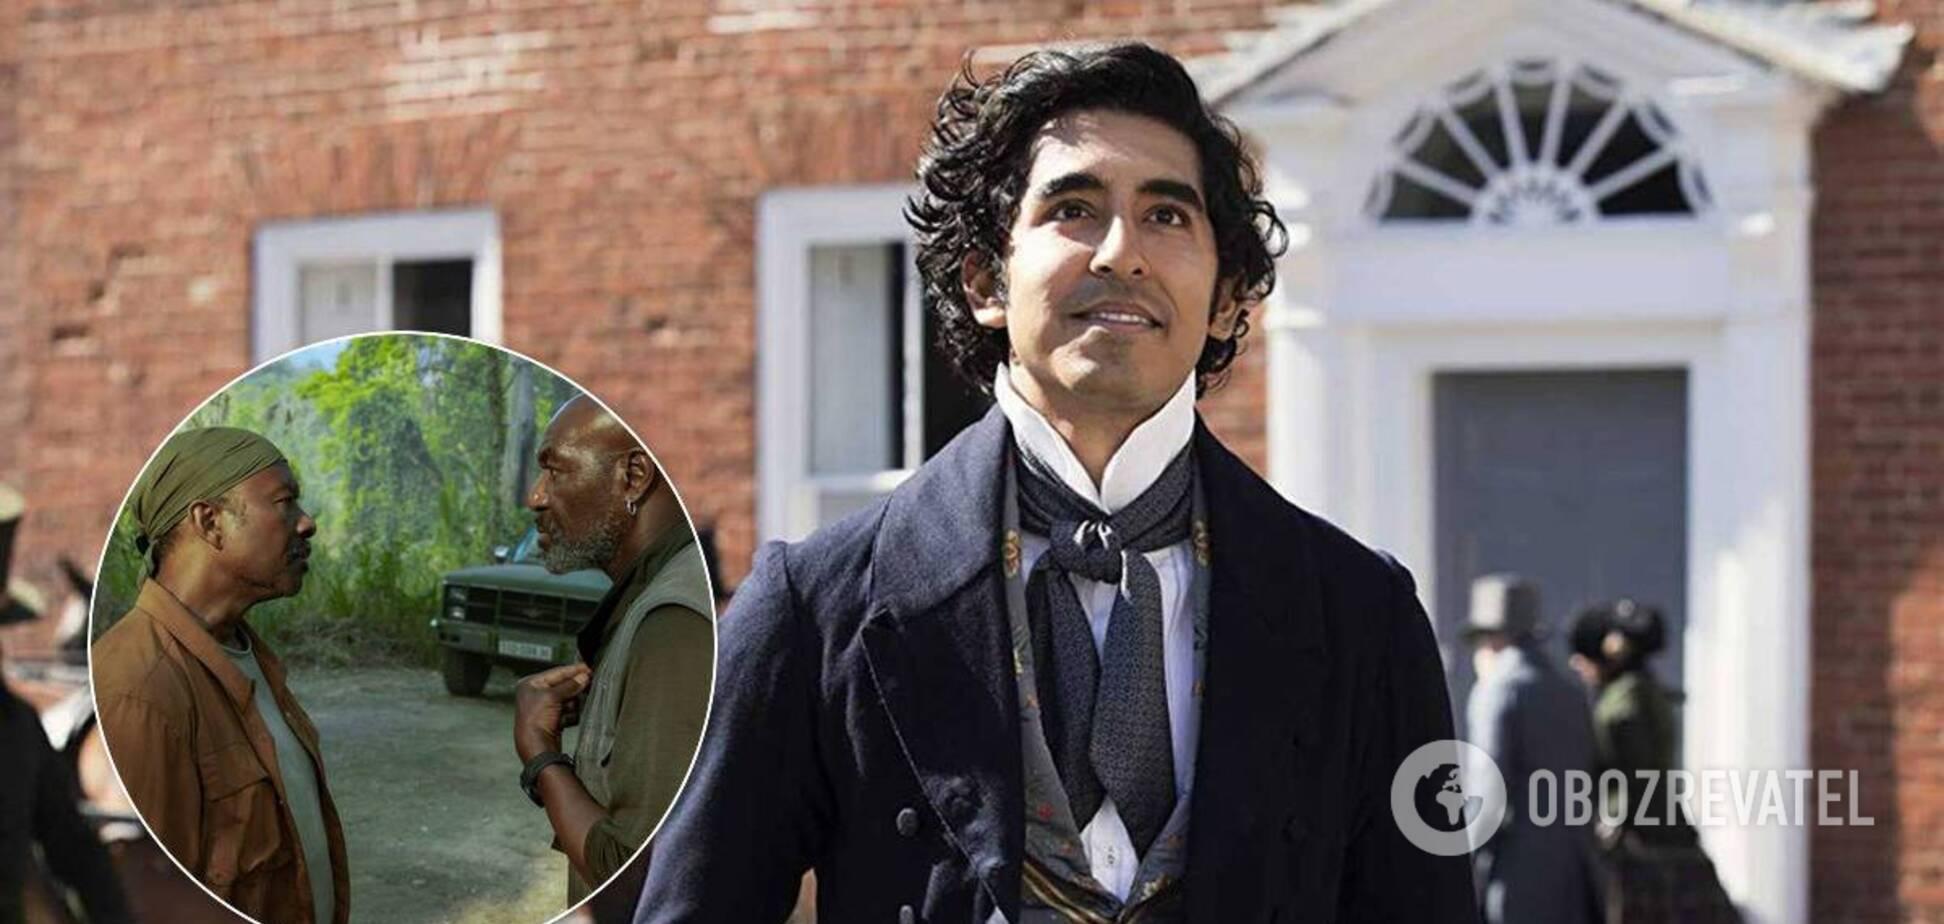 Кінокритики BBC озвучили свою версію найкращих фільмів 2020 року